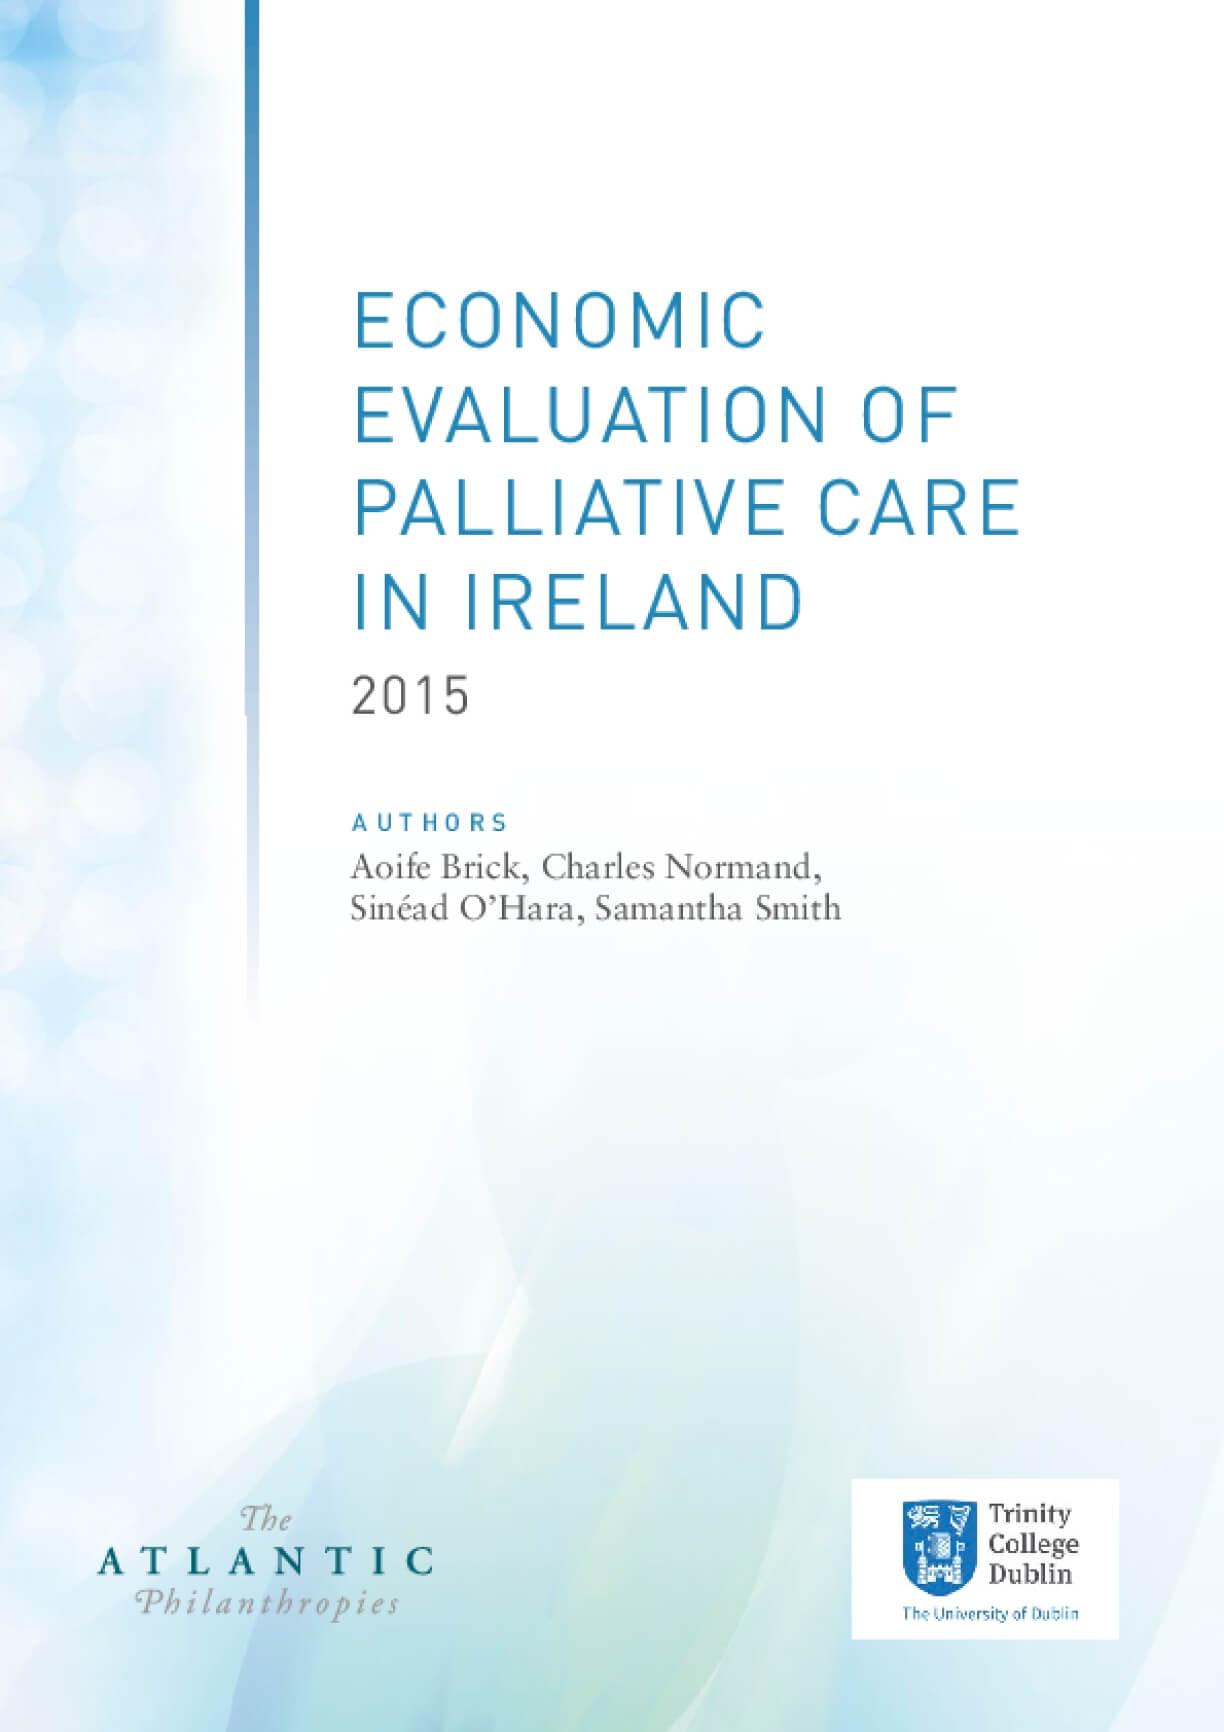 Economic Evaluation of Palliative Care in Ireland